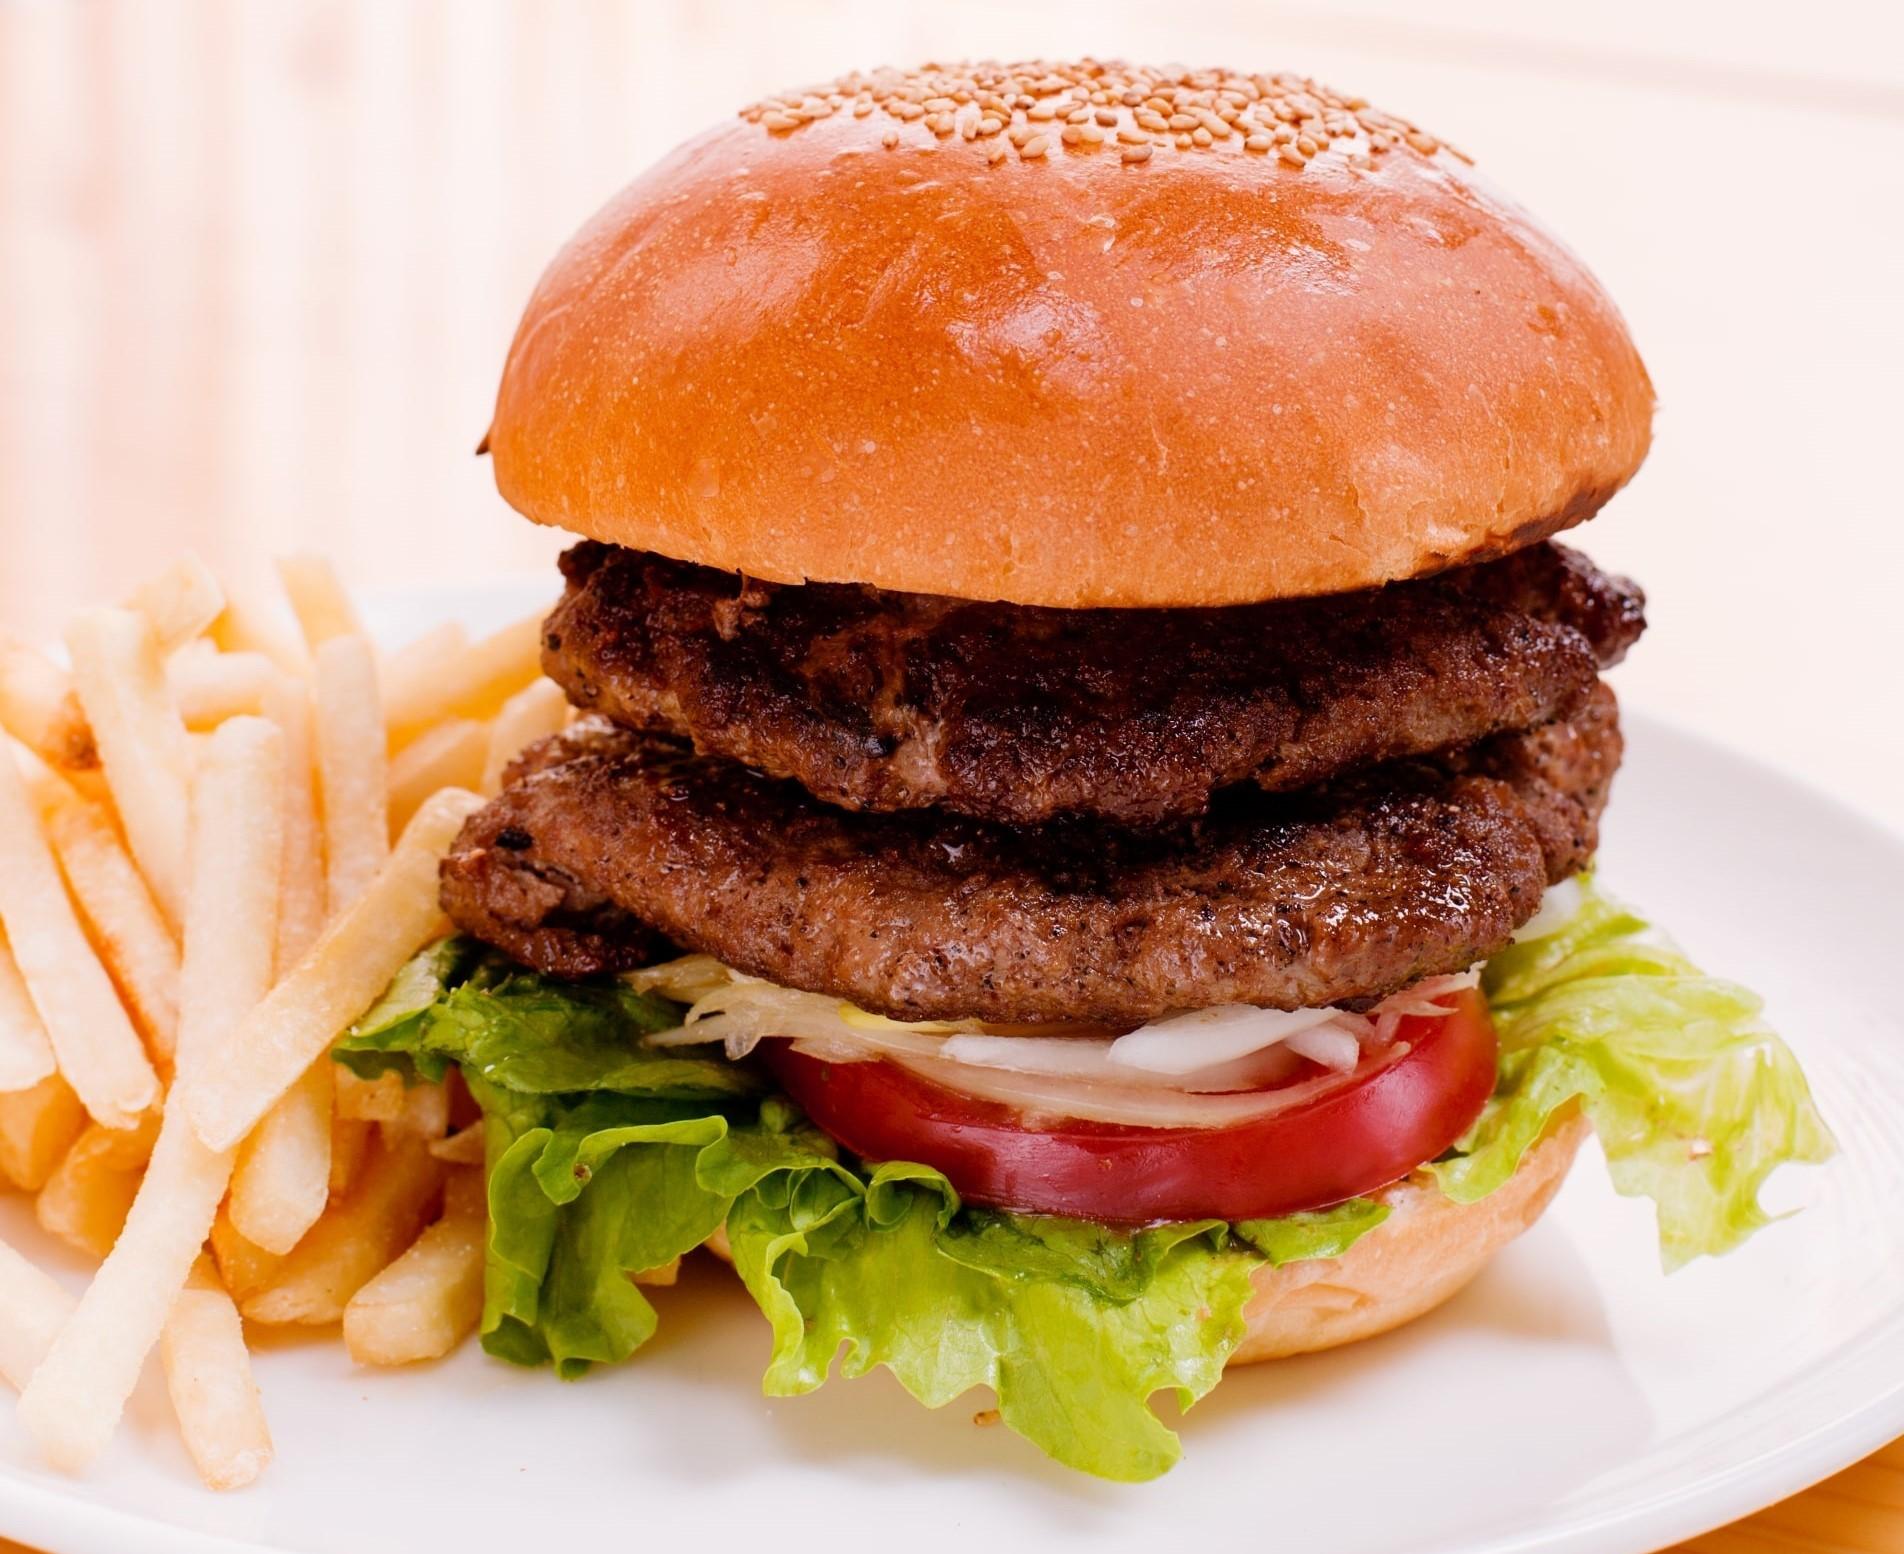 月々定額のランチ食べ放題サービス『サブスクランチ』が流行りそう!?🍔